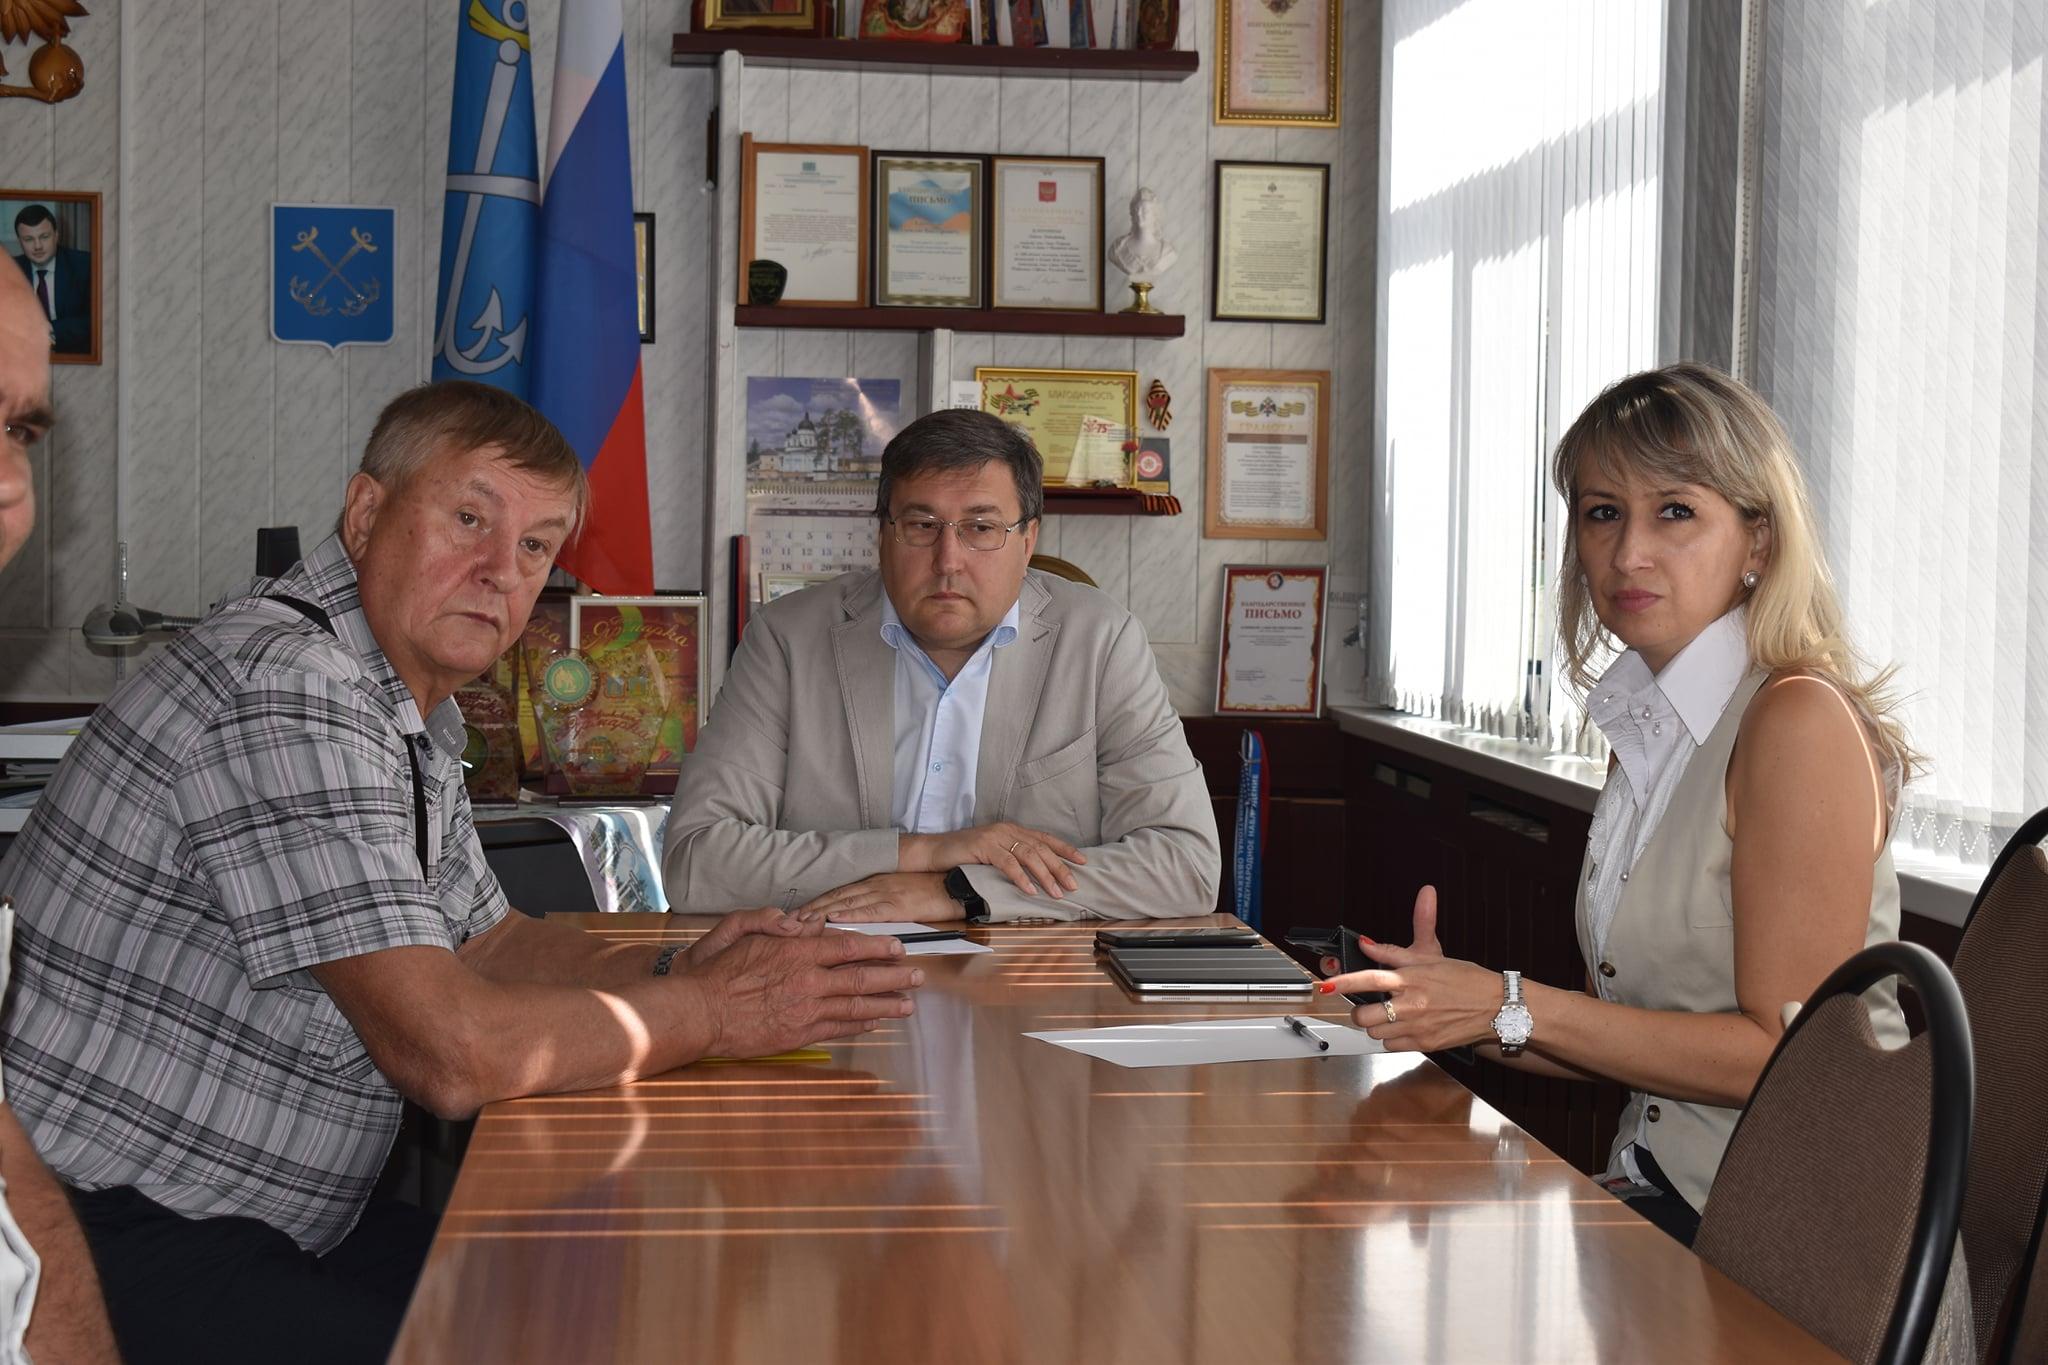 «Вопросы планомерно решаются»: руководство Тамбовской области пообщалось с сотрудниками завода «Моршанскхиммаш», которые не получают зарплату 4 года